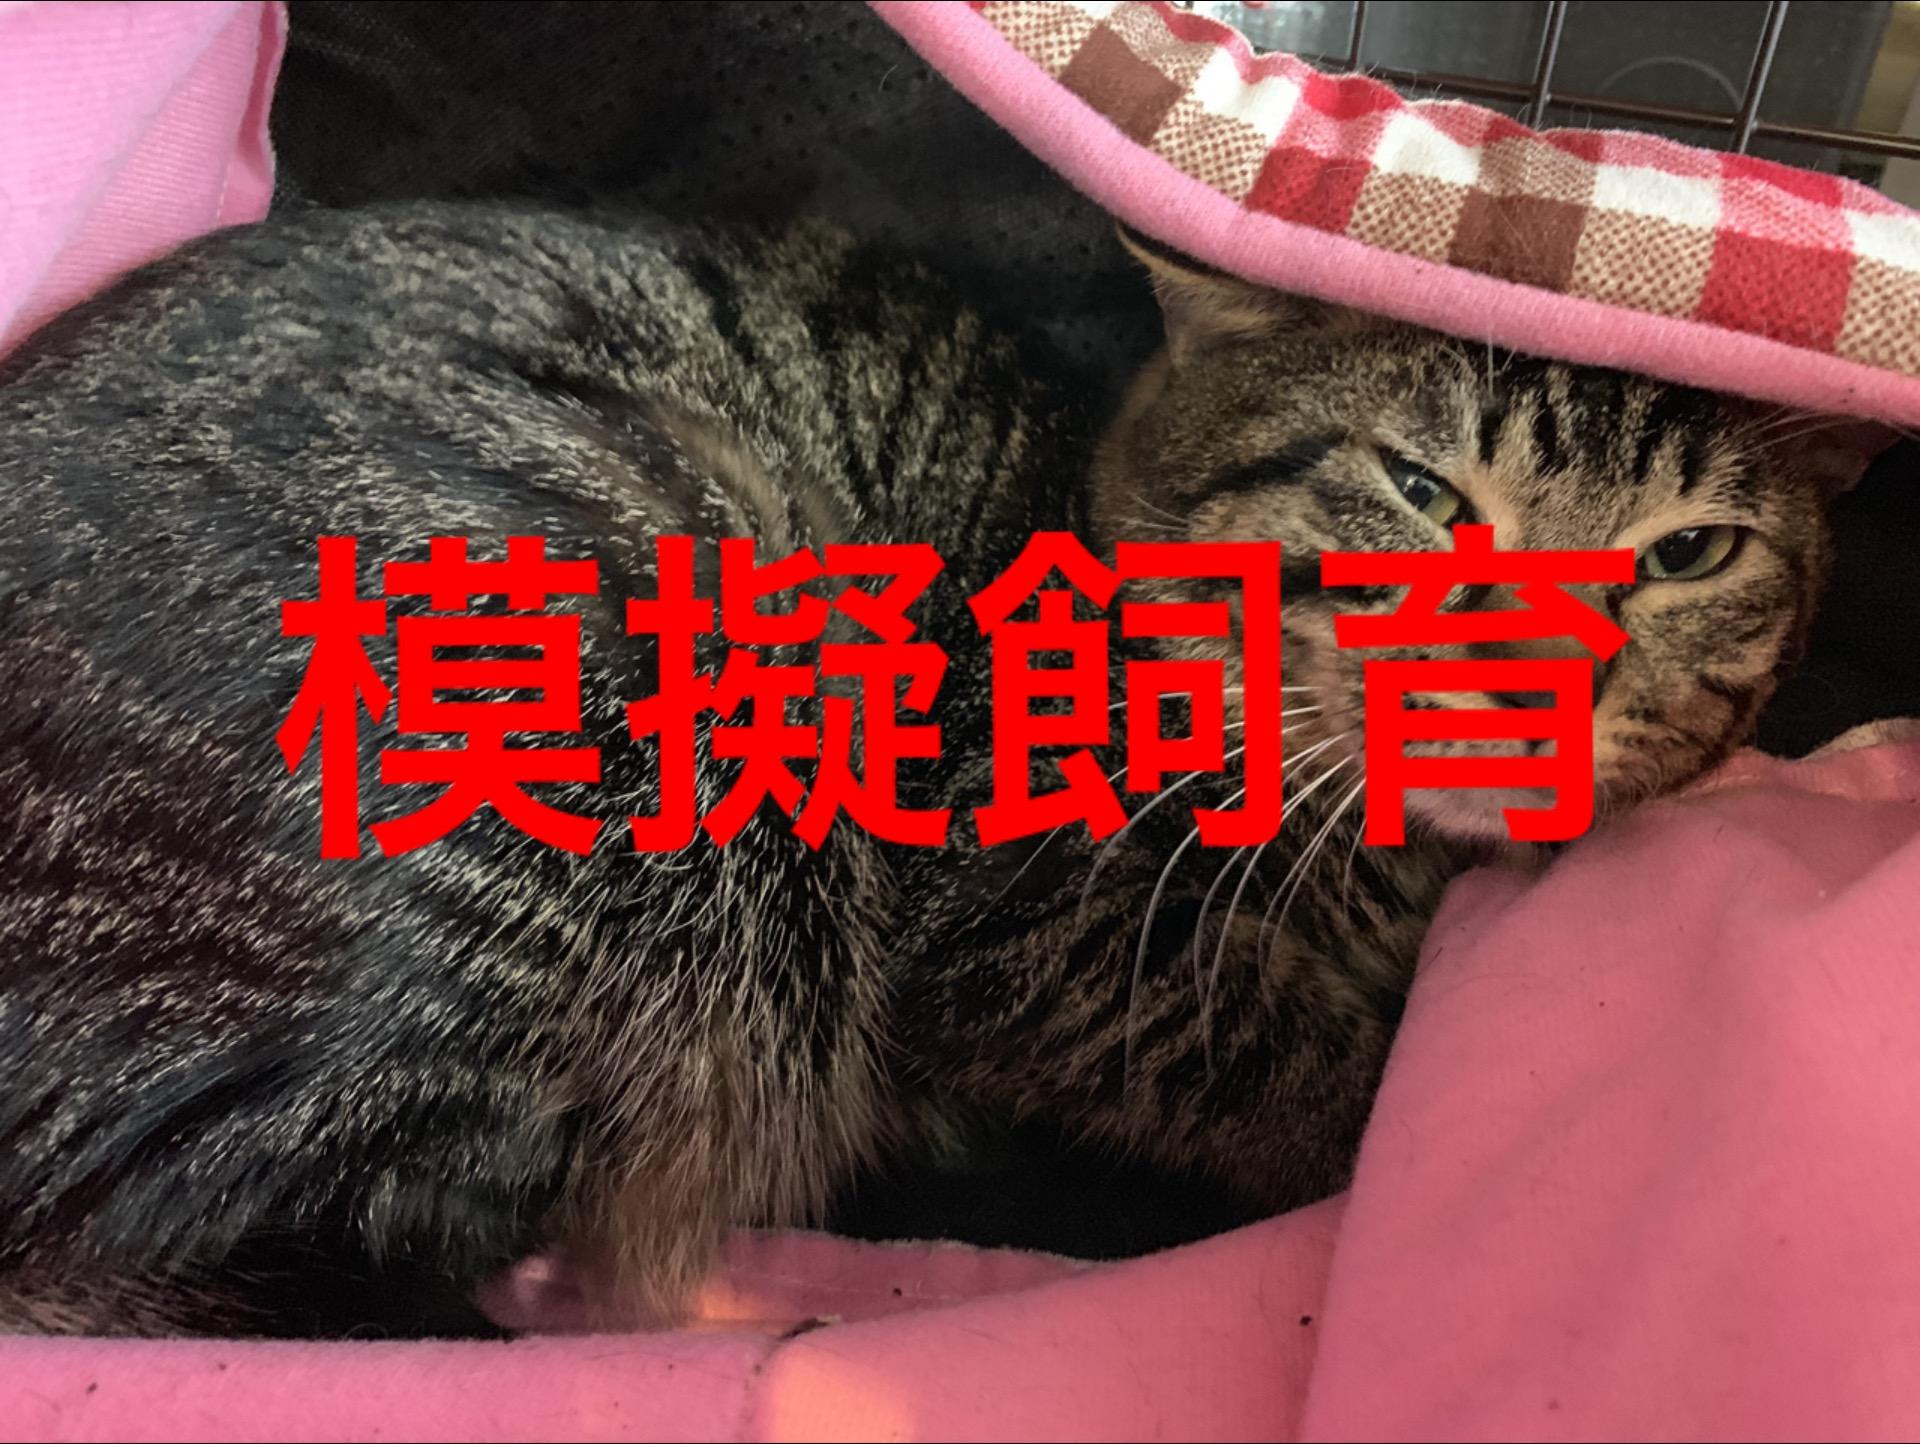 <ul> <li>東2-6</li> <li>猫種:日本猫 キジトラ</li> <li>性別:男の子</li> <li>名前:チビ</li> <li>年齢:2歳</li> <li>保護経緯:急な引っ越しのため飼育困難になりました</li> </ul>